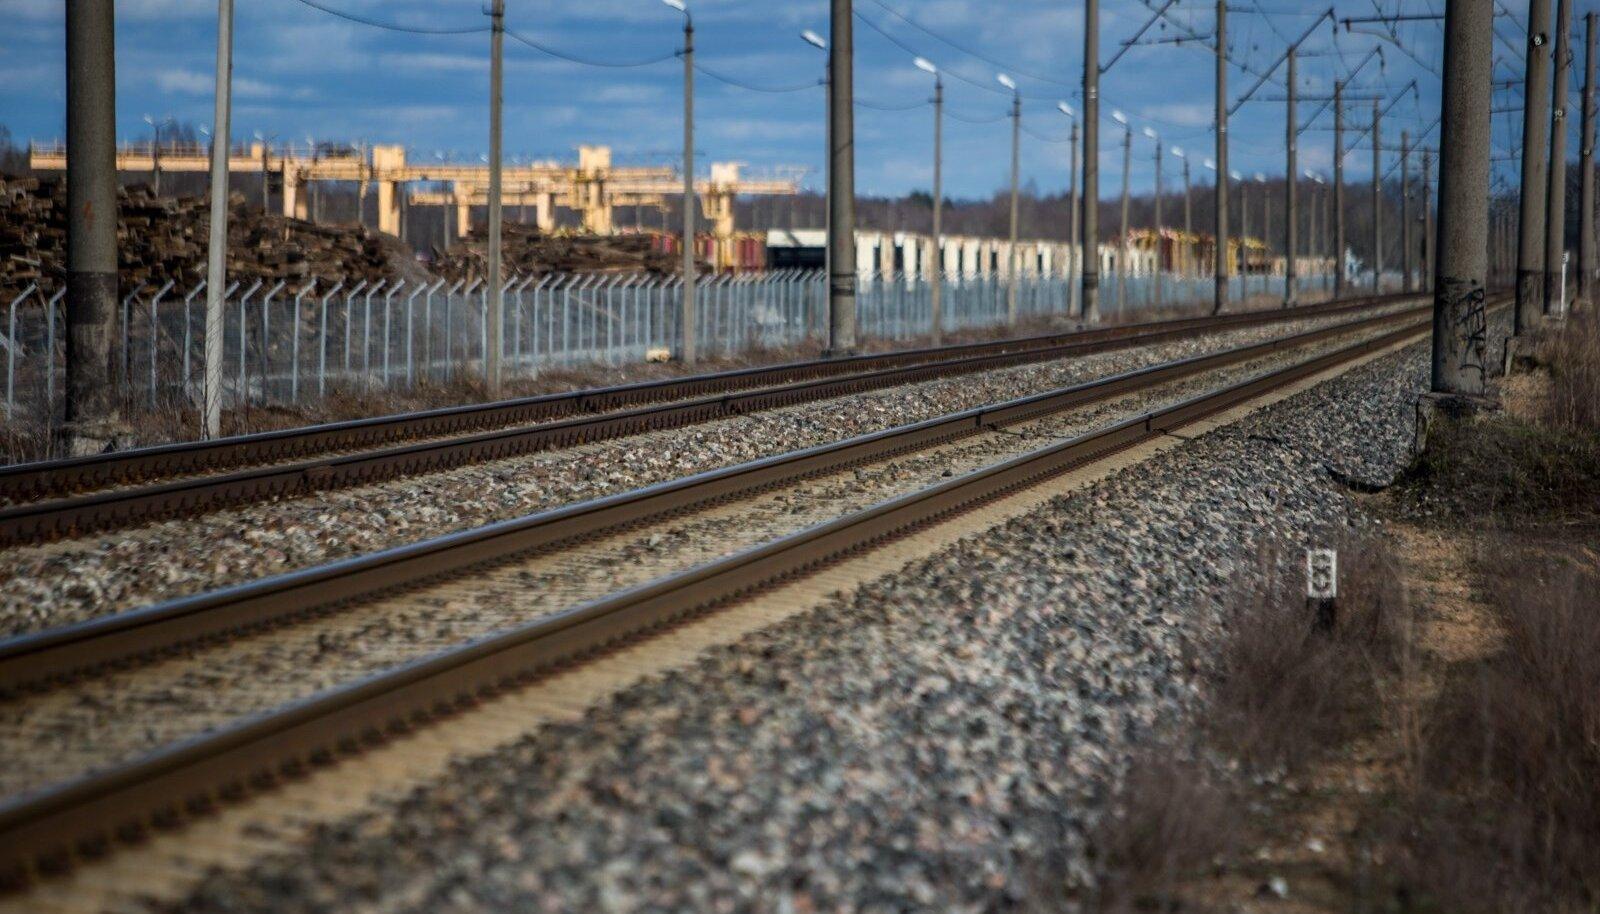 Eesti Raudtee rööpad ootavad kaupa, millelt riigile raha teenida. Vaguneid aga veereb mööda neid aina vähem.